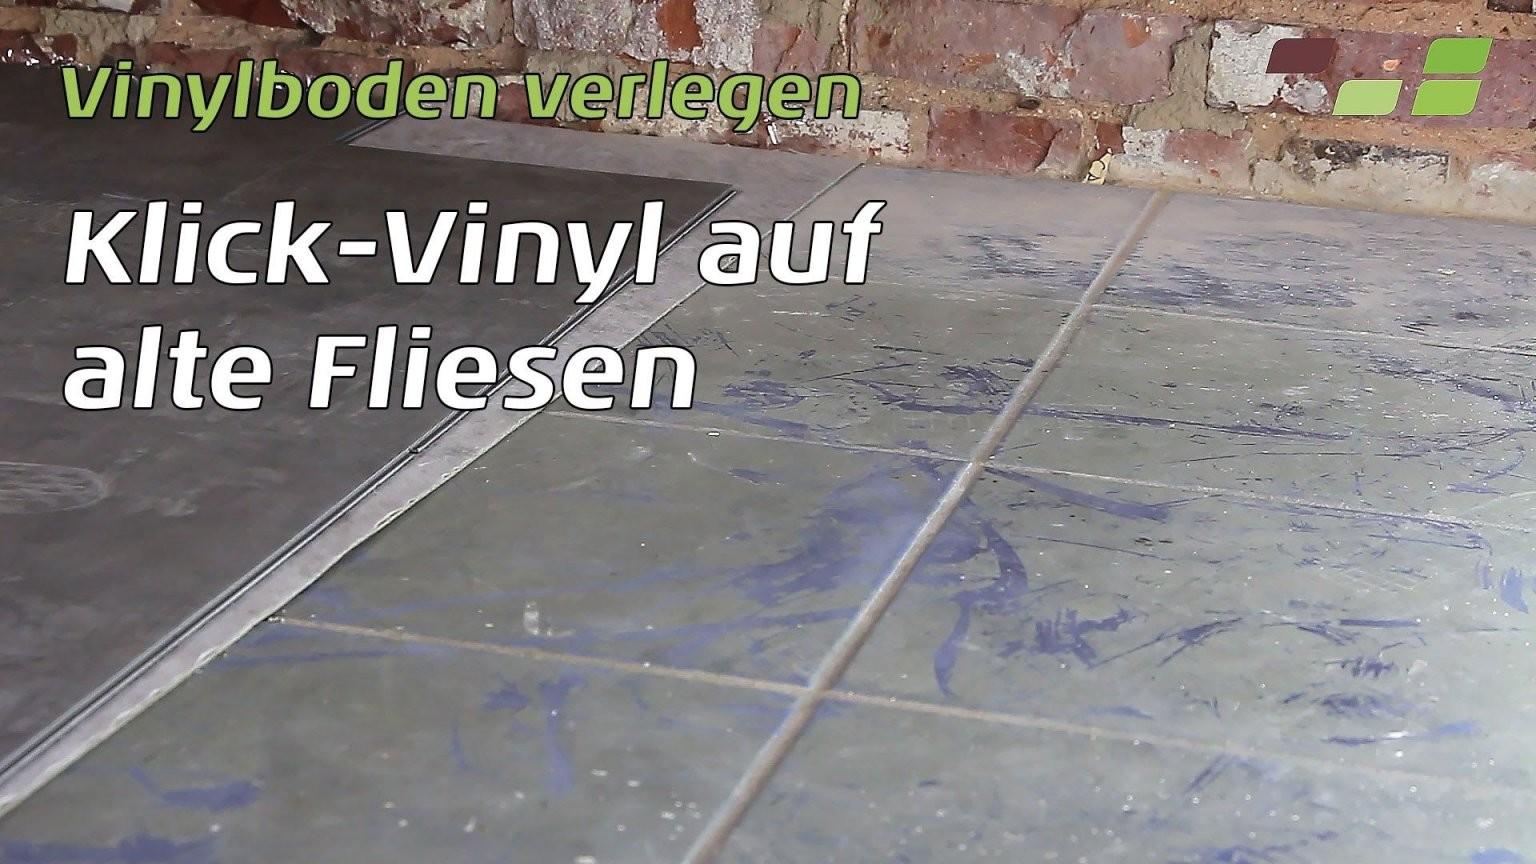 Genial Bodenbelag Auf Fliesen Verlegen  Wohn Ideen In 2019  Bad von Vinylboden Auf Fliesen Mit Fussbodenheizung Verlegen Bild